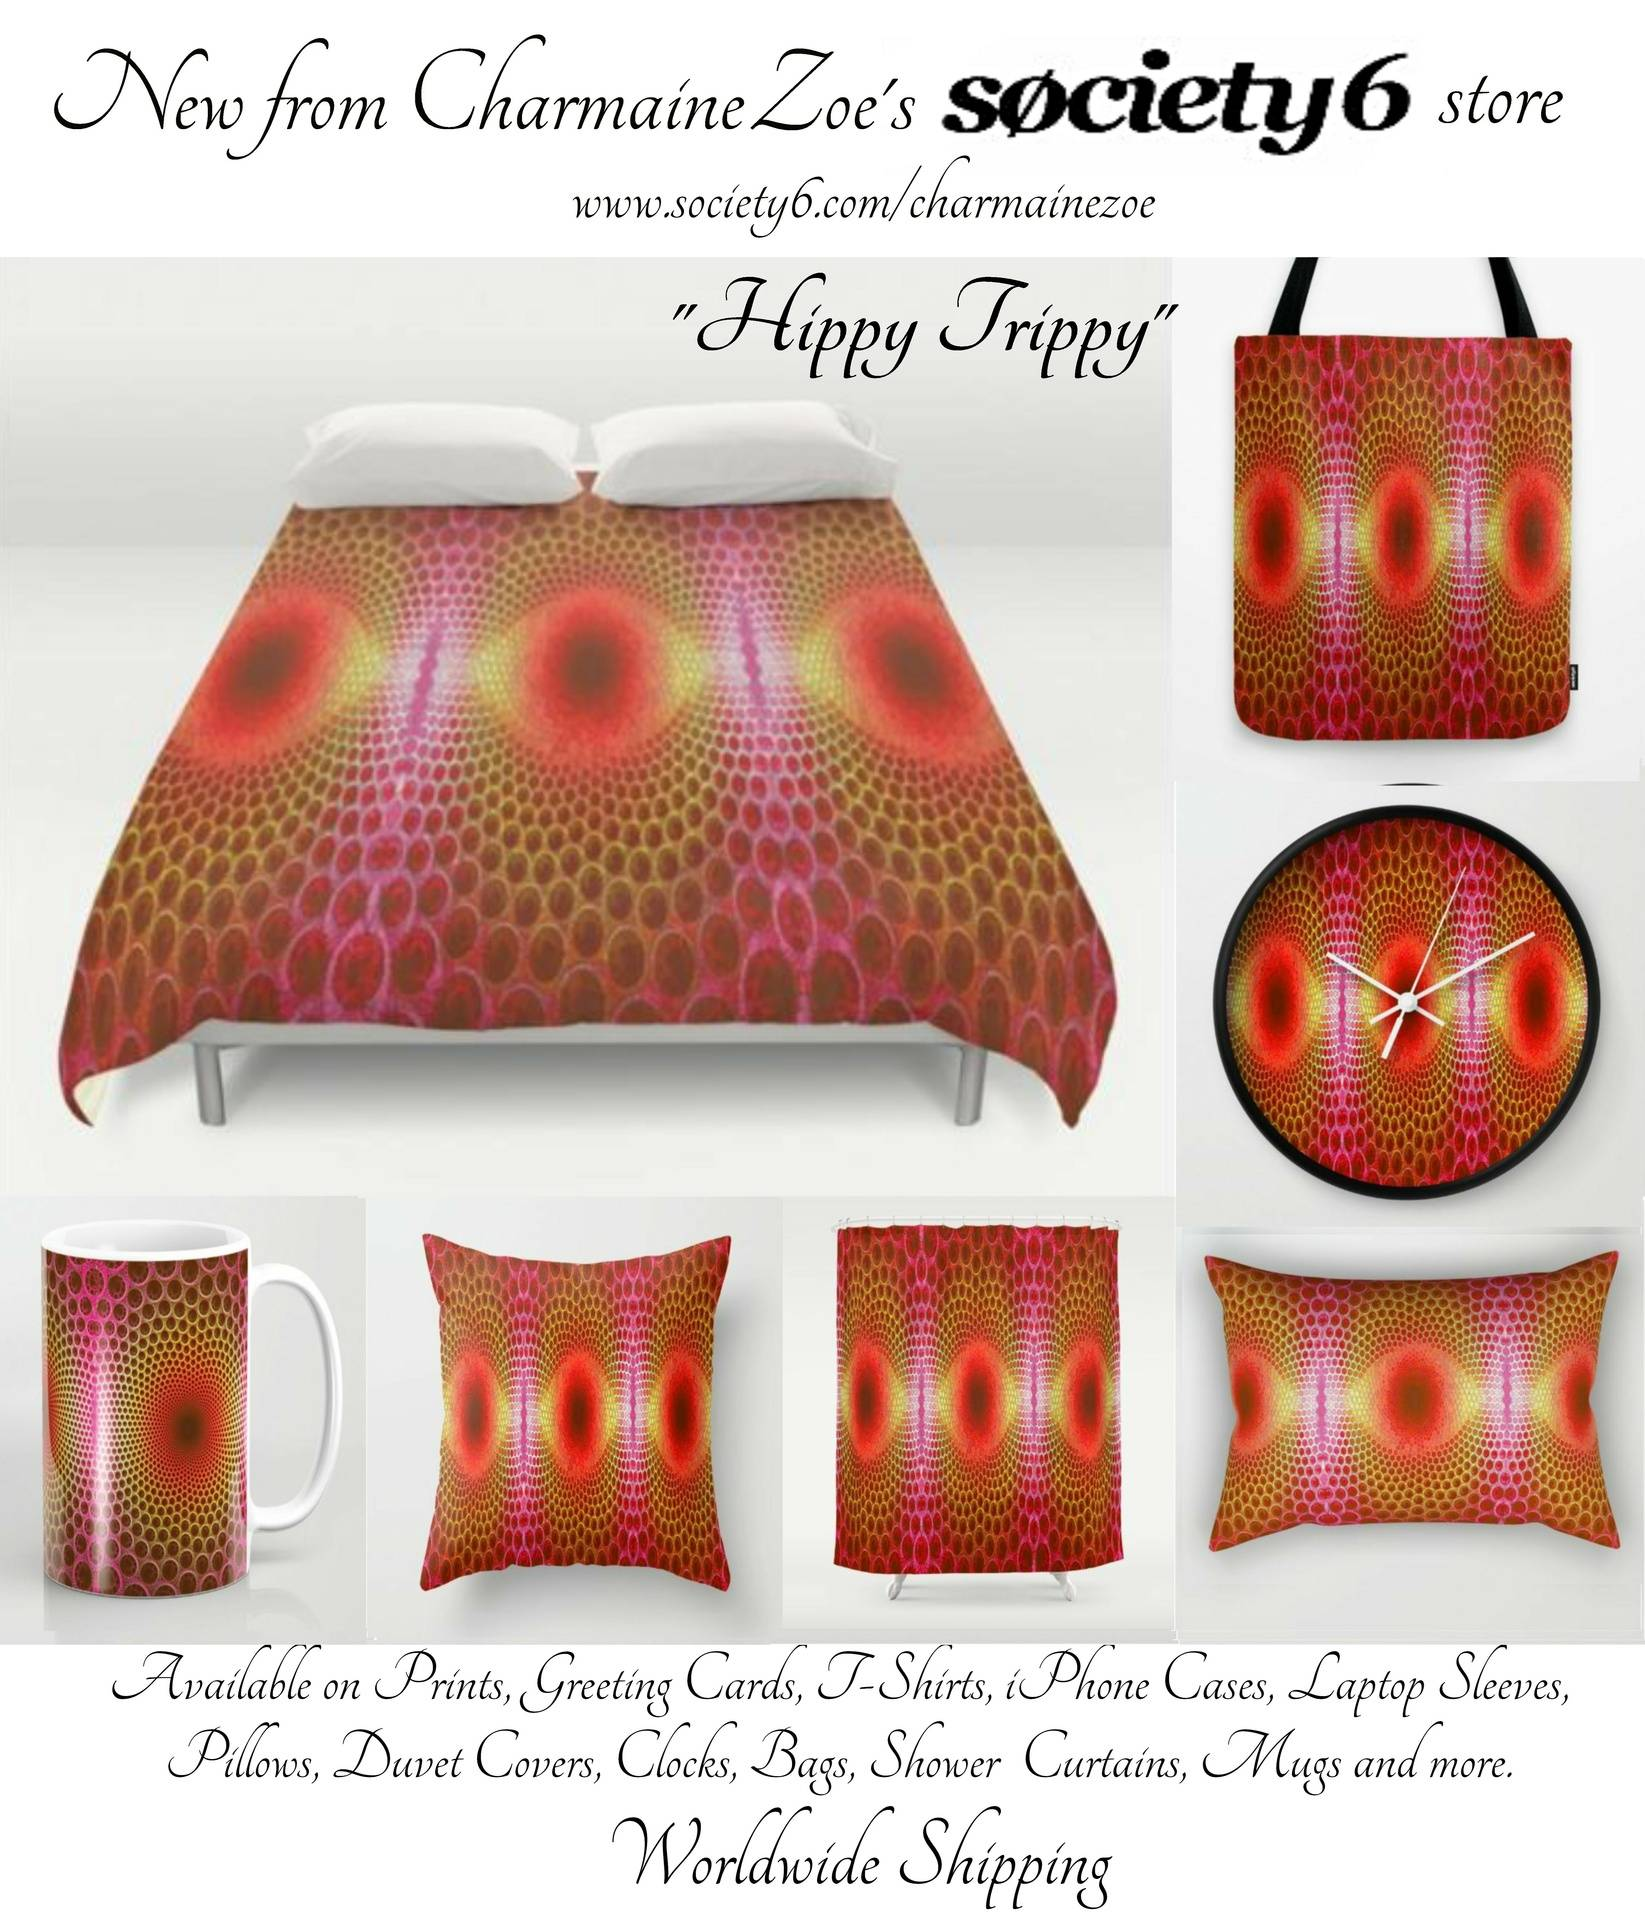 Hippy Trippy